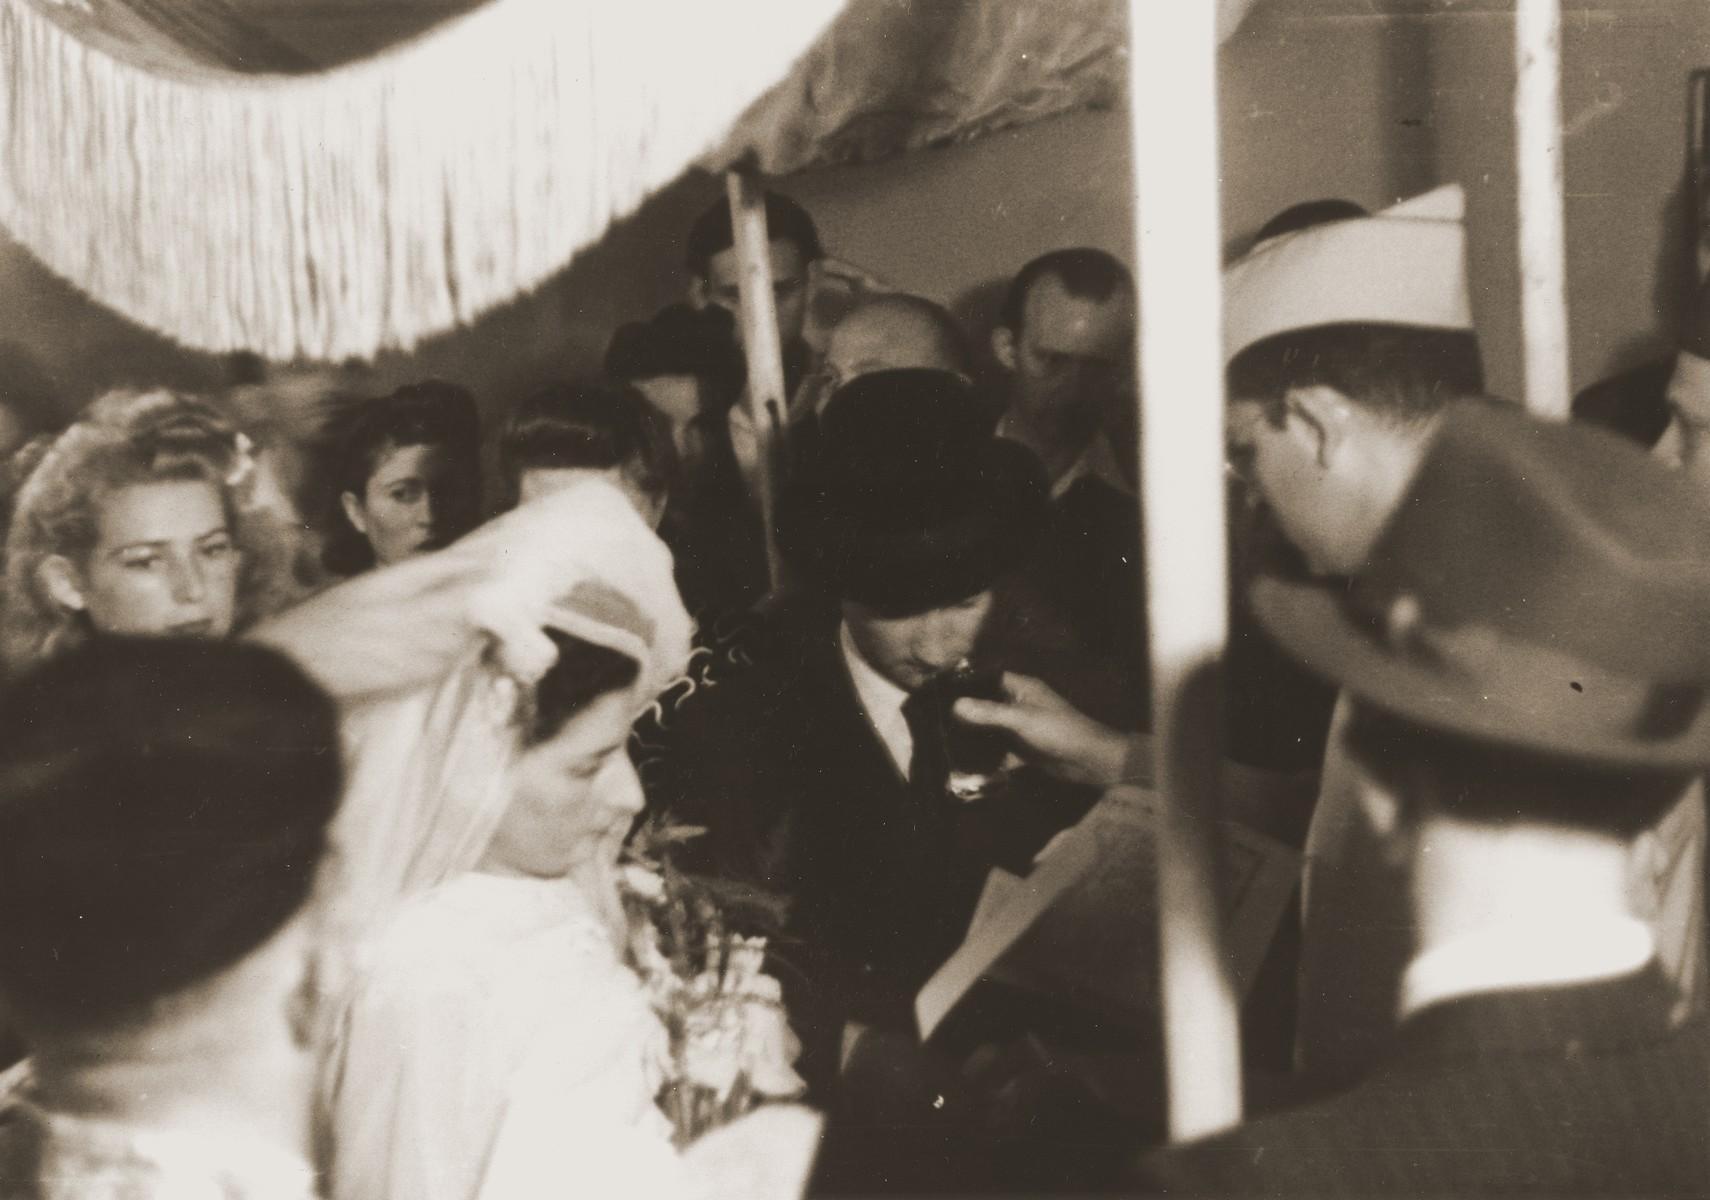 Rabbi Herbert Friedman conducts a wedding at the Berlin chaplain's center.